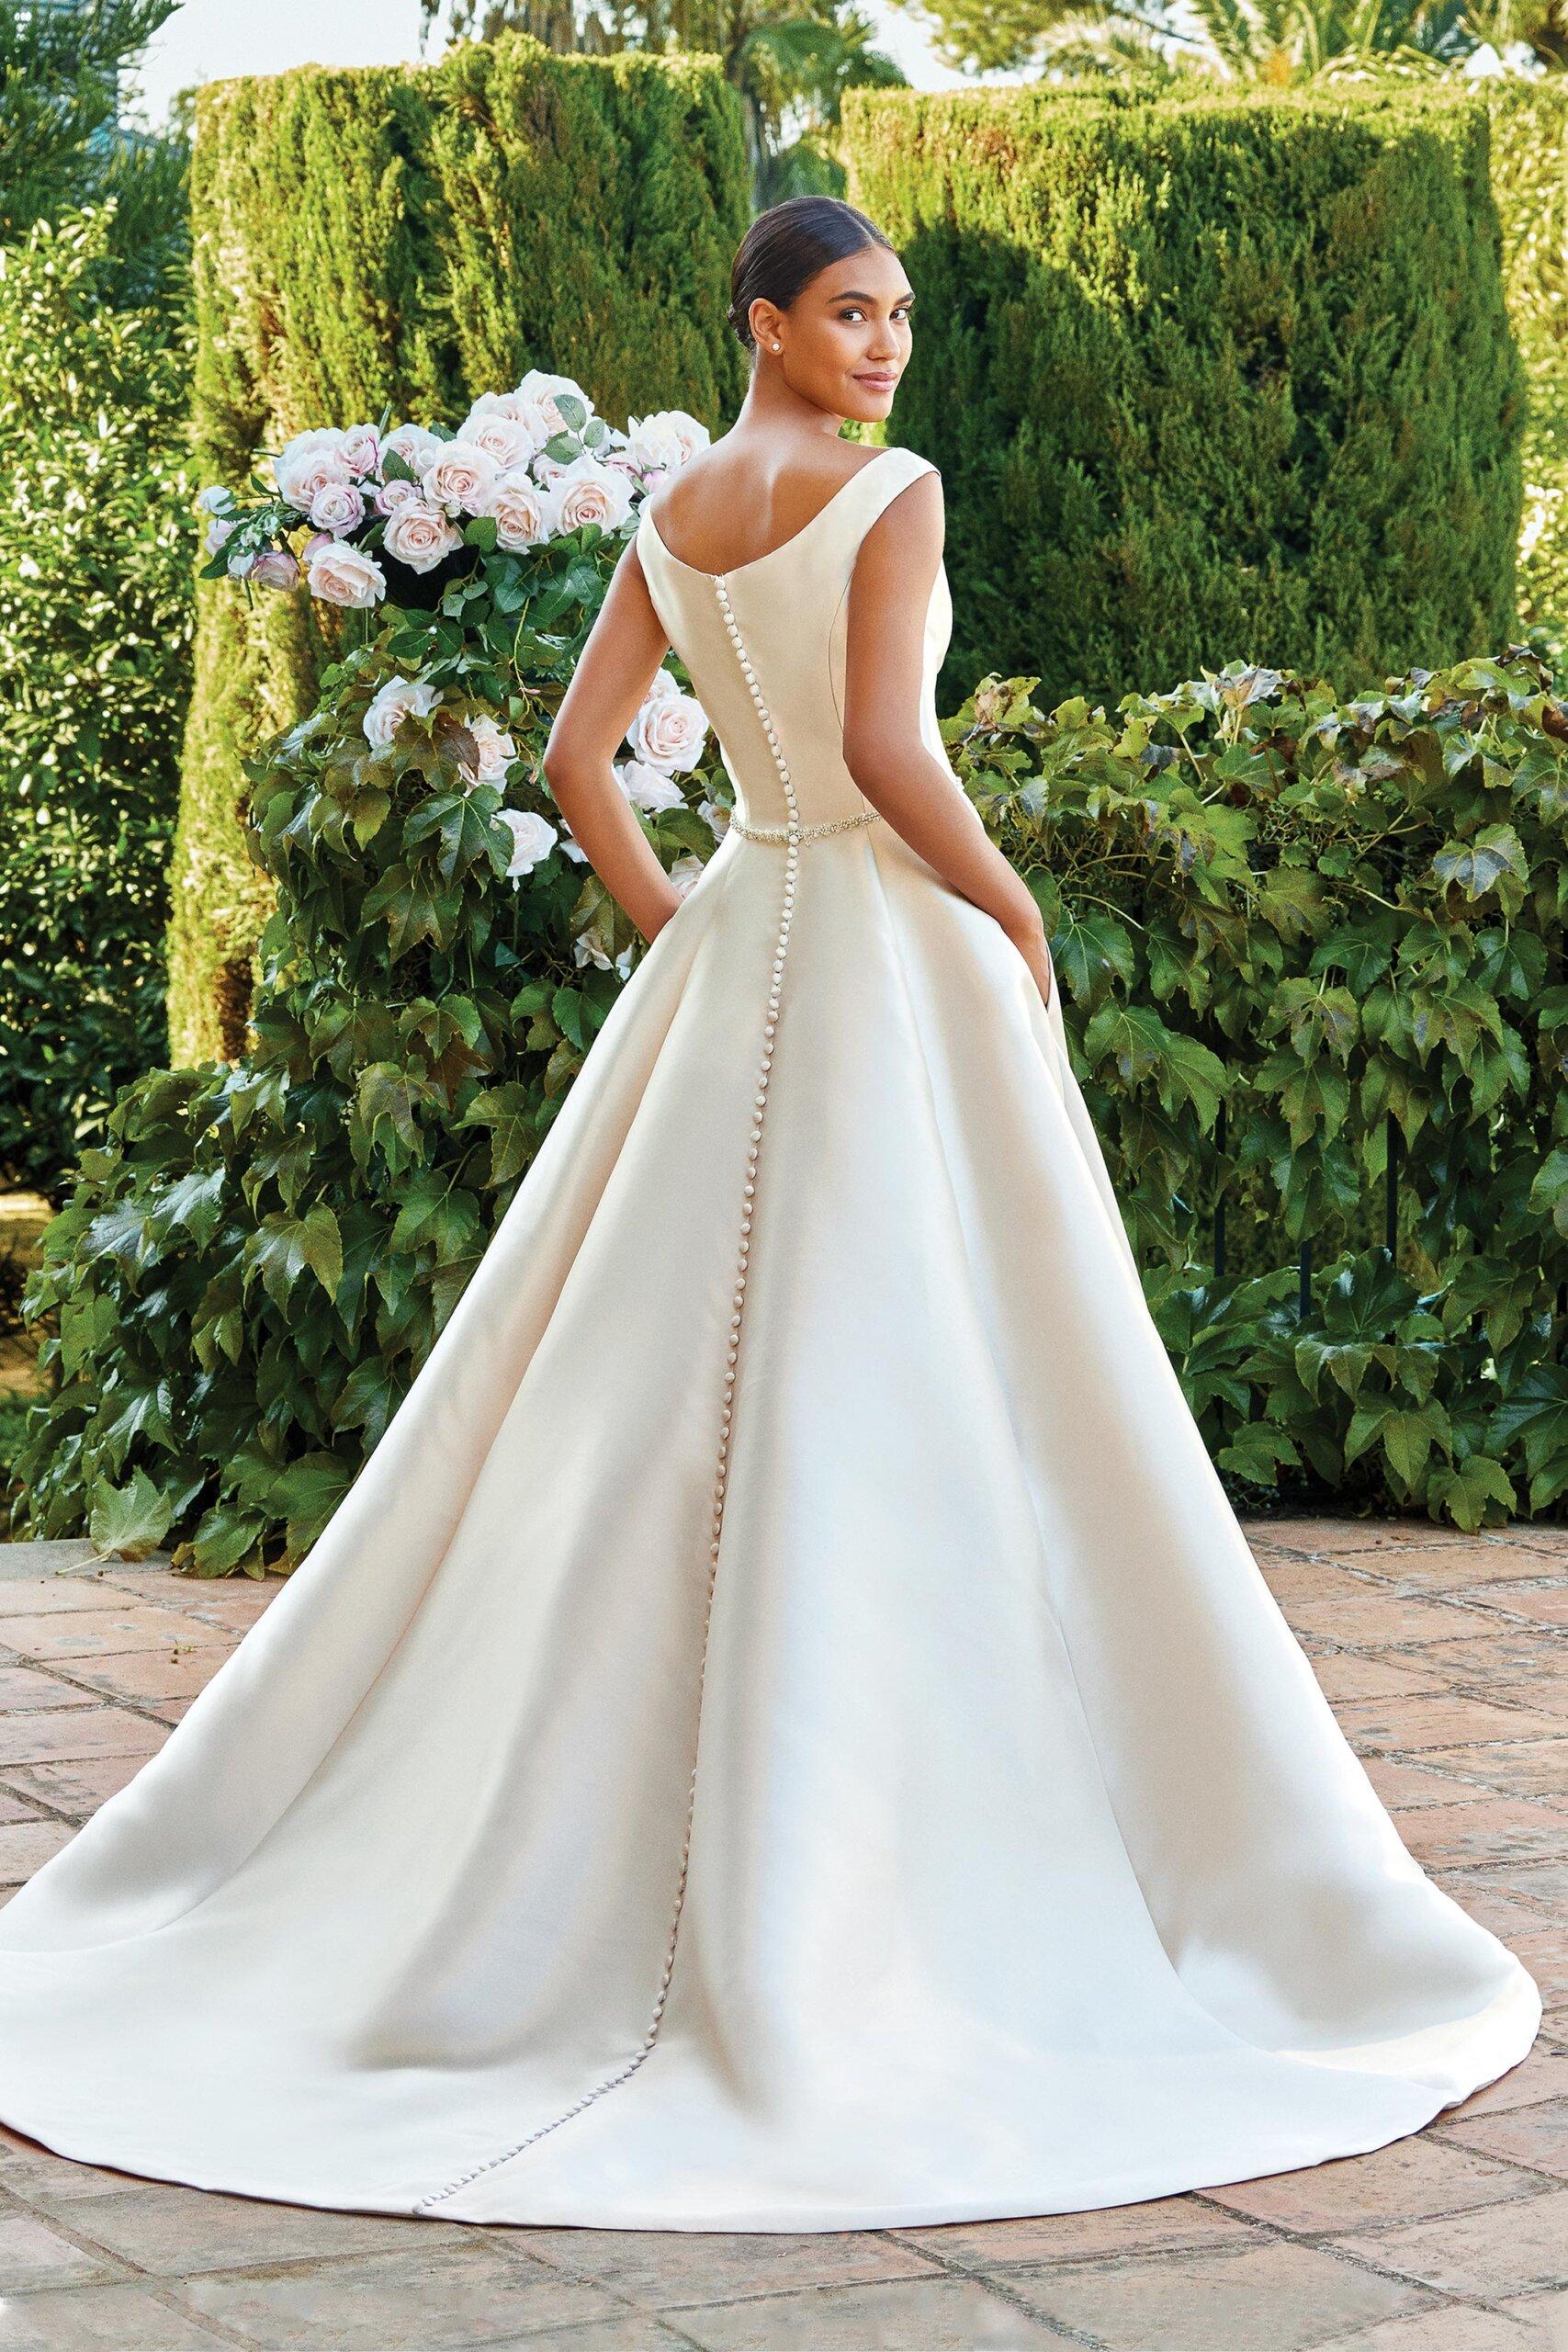 44220_FB_Sincerity-Bridal